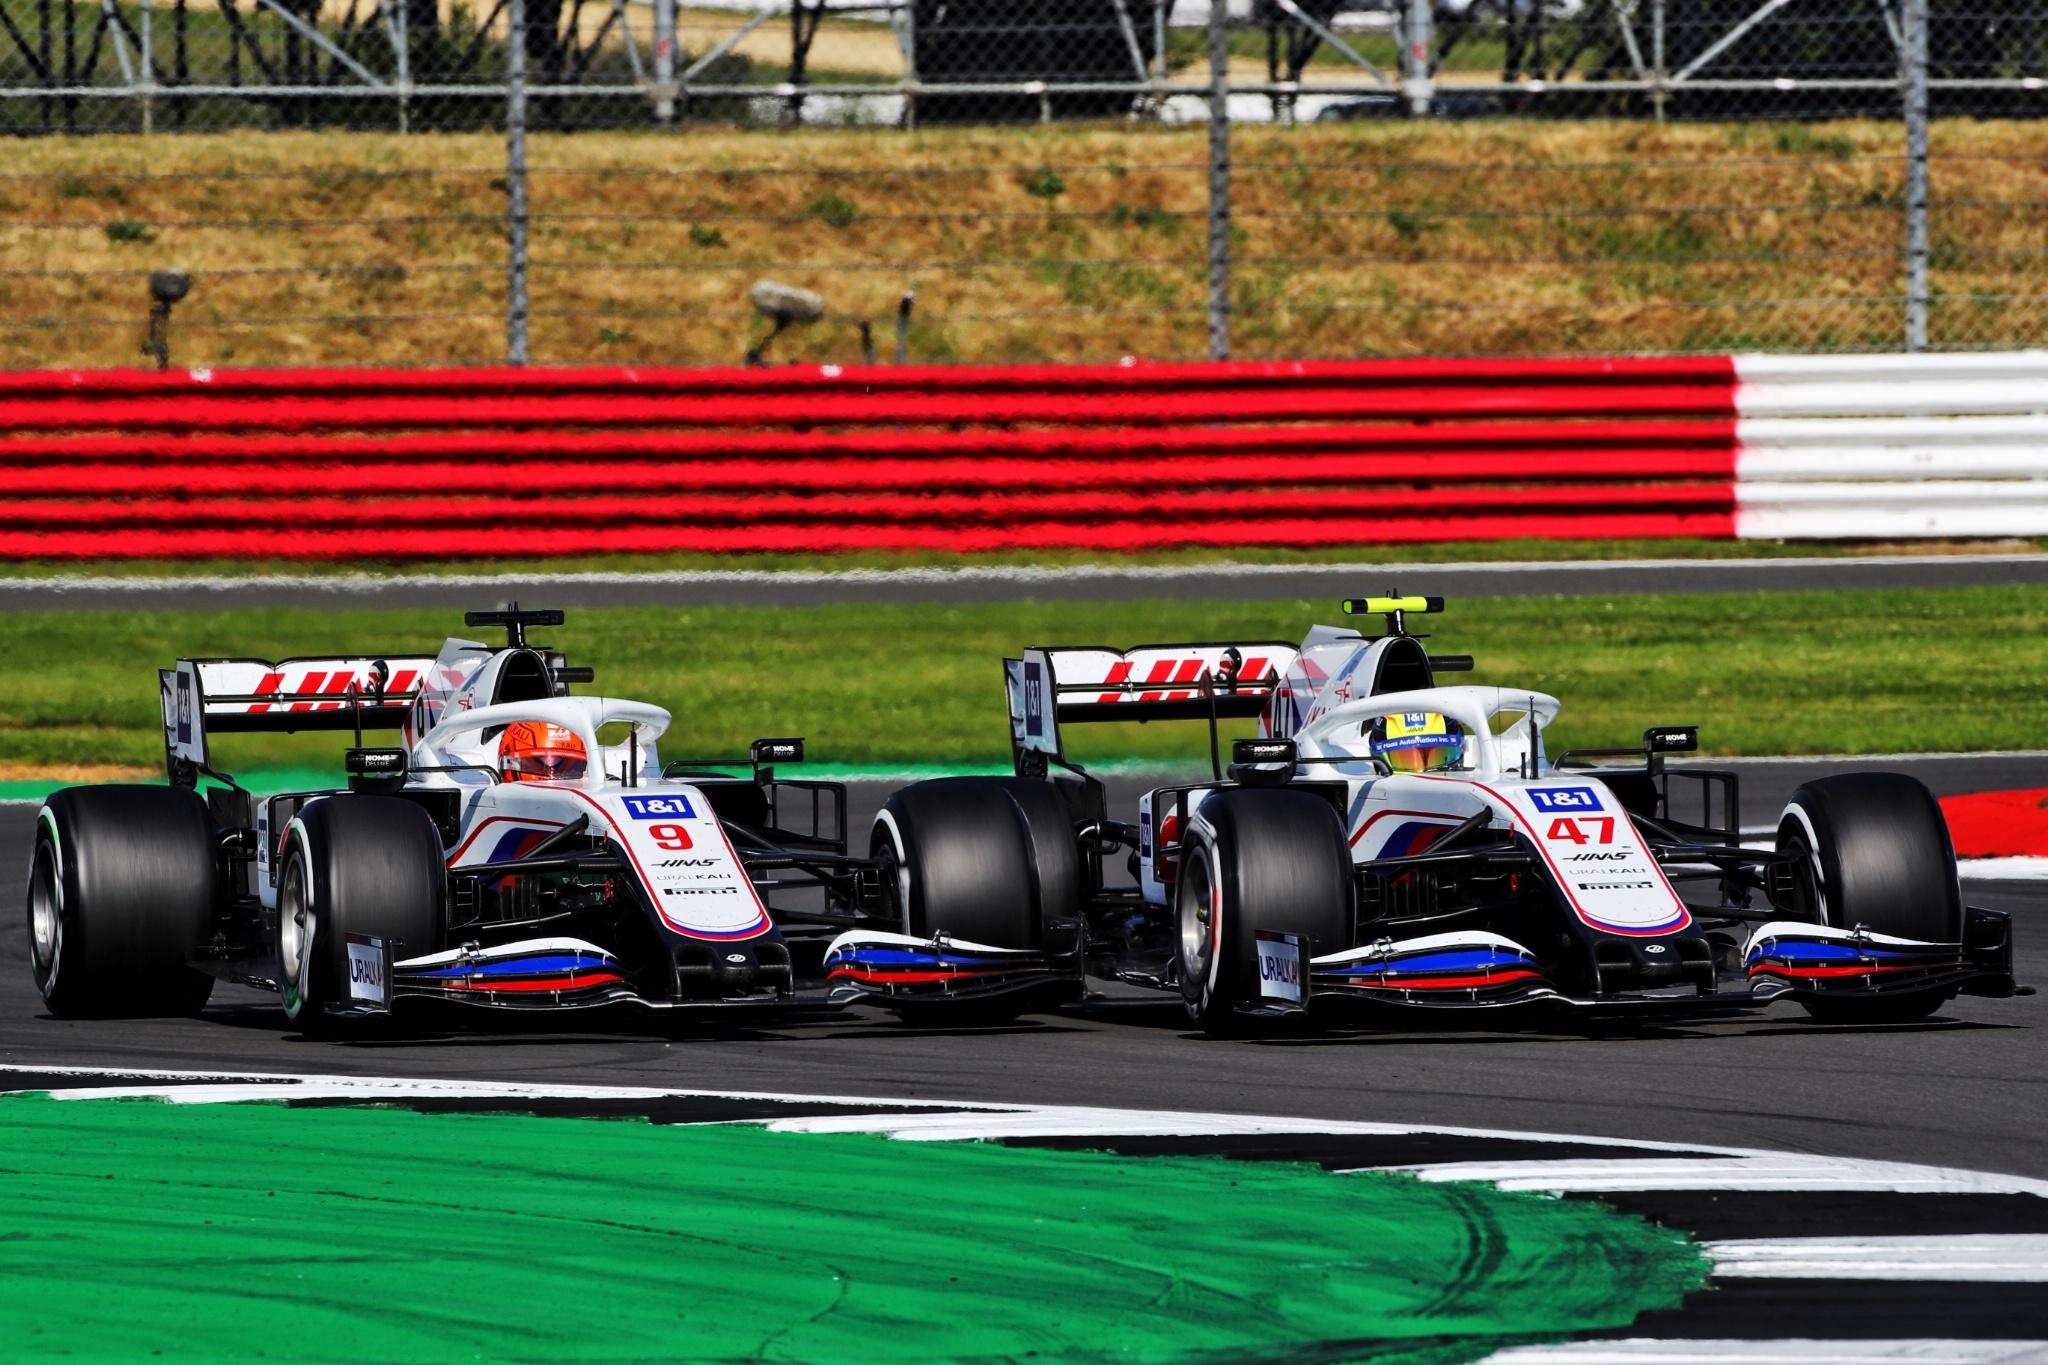 Nikita Mazepin (RUS) Haas F1 Team VF-21 dan rekan setimnya Mick Schumacher (GER) Haas VF-21 memperebutkan posisi.